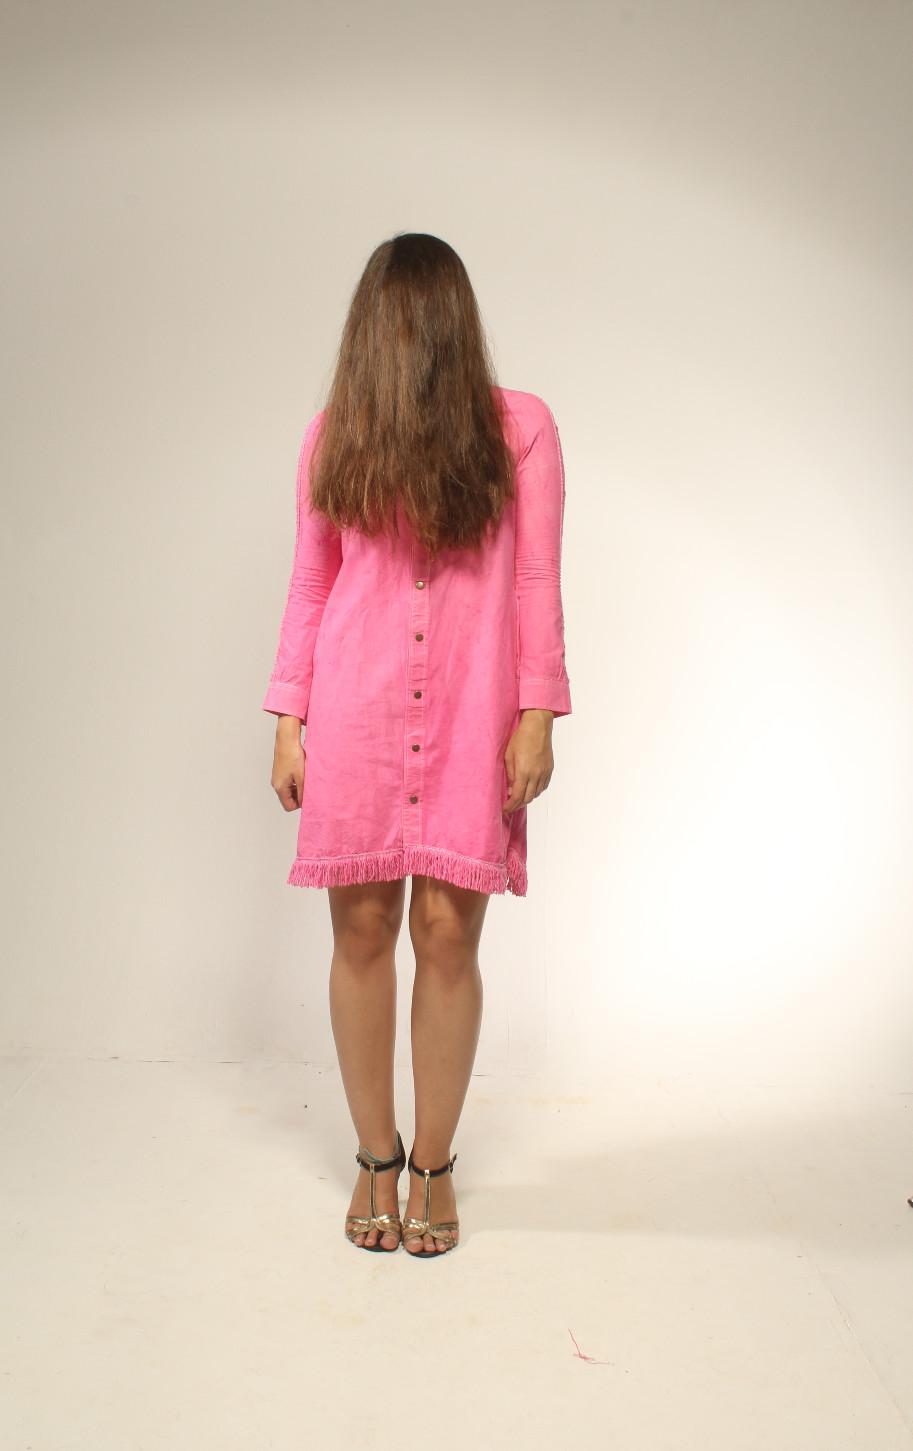 Artur Pink Cotton Dress Photographed by Artur Vilela